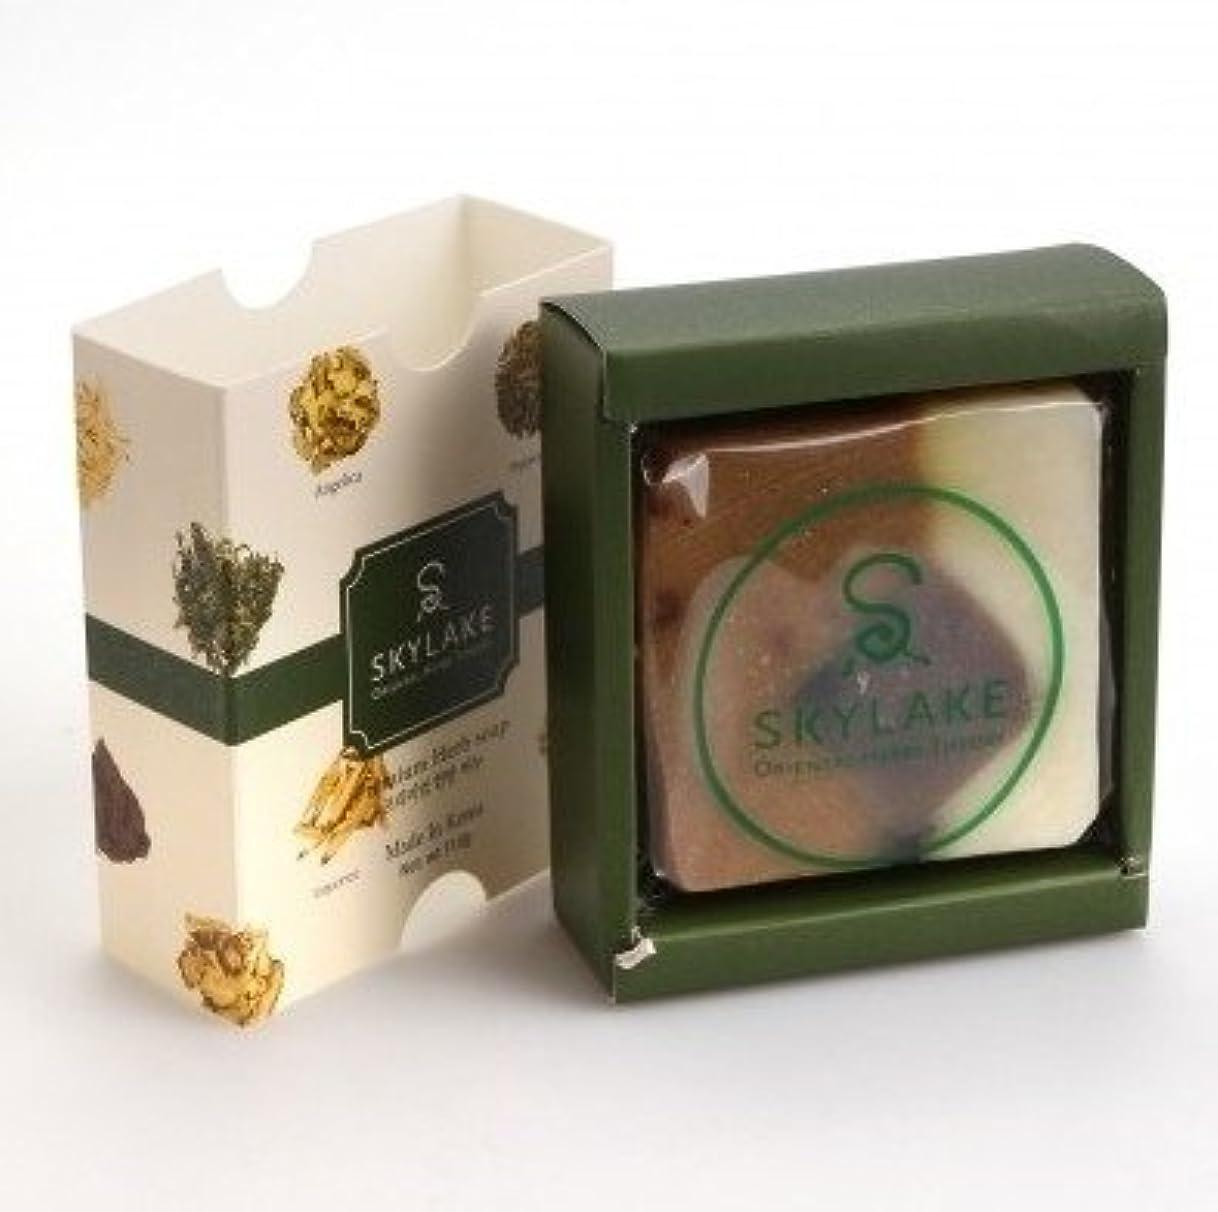 第九ビュッフェ消毒剤[1+1]ハヌルホス[Skylake] 漢方アロマ石鹸Oriental Herbs Theory Soap (プレミアム手作り漢方)